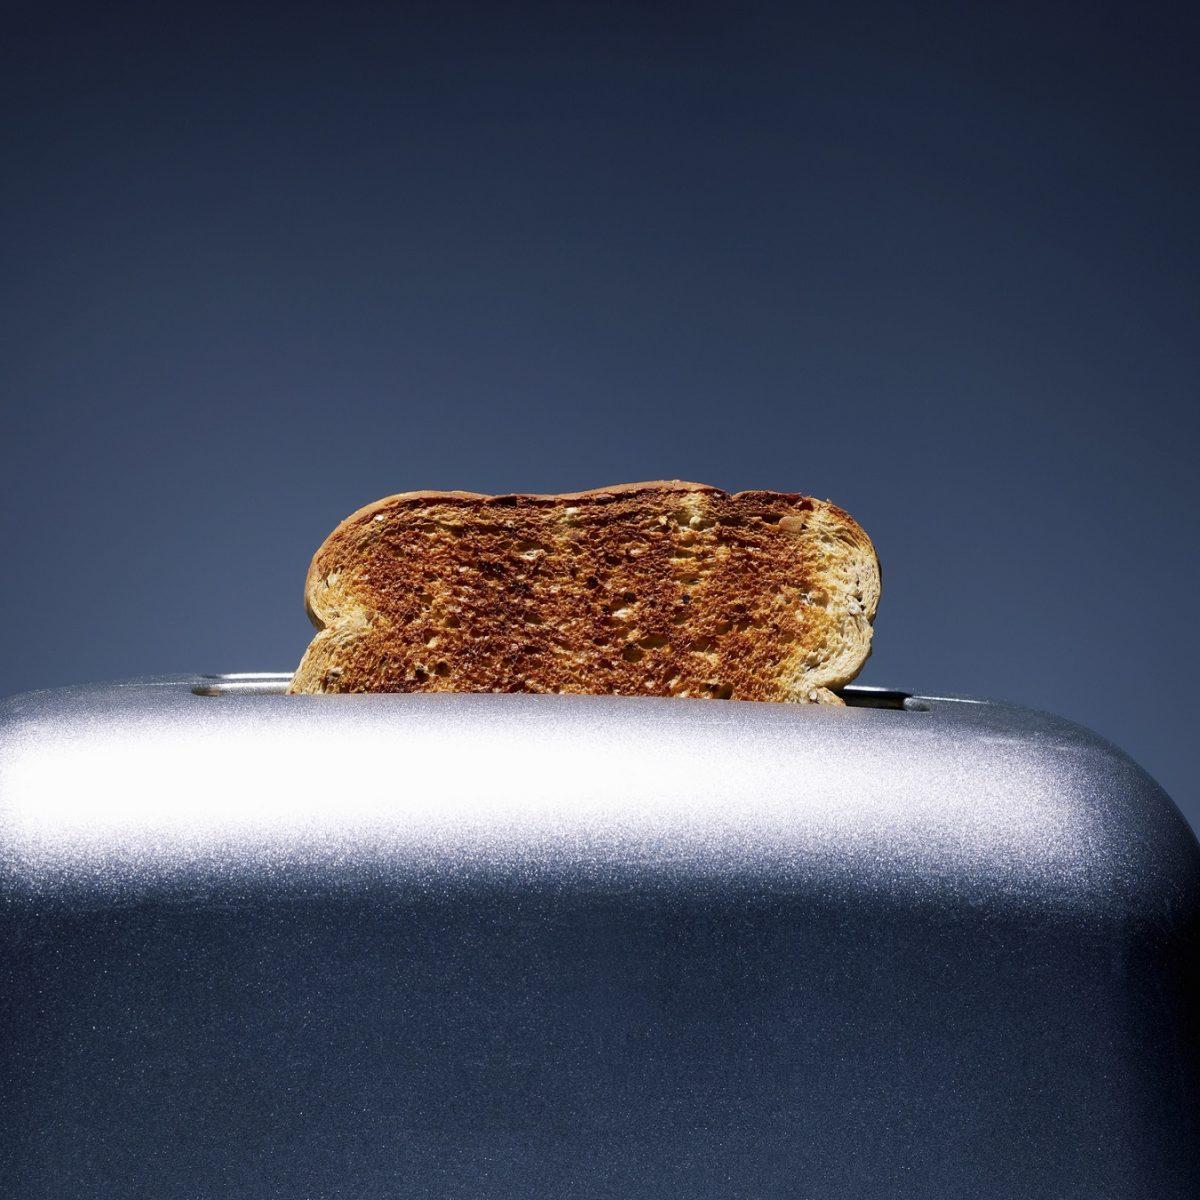 Woher kommt das Toastbrot? Ein Toast liegt geröstet in einem silbernen Toaster vor einem blau-grauen Hintergrund.